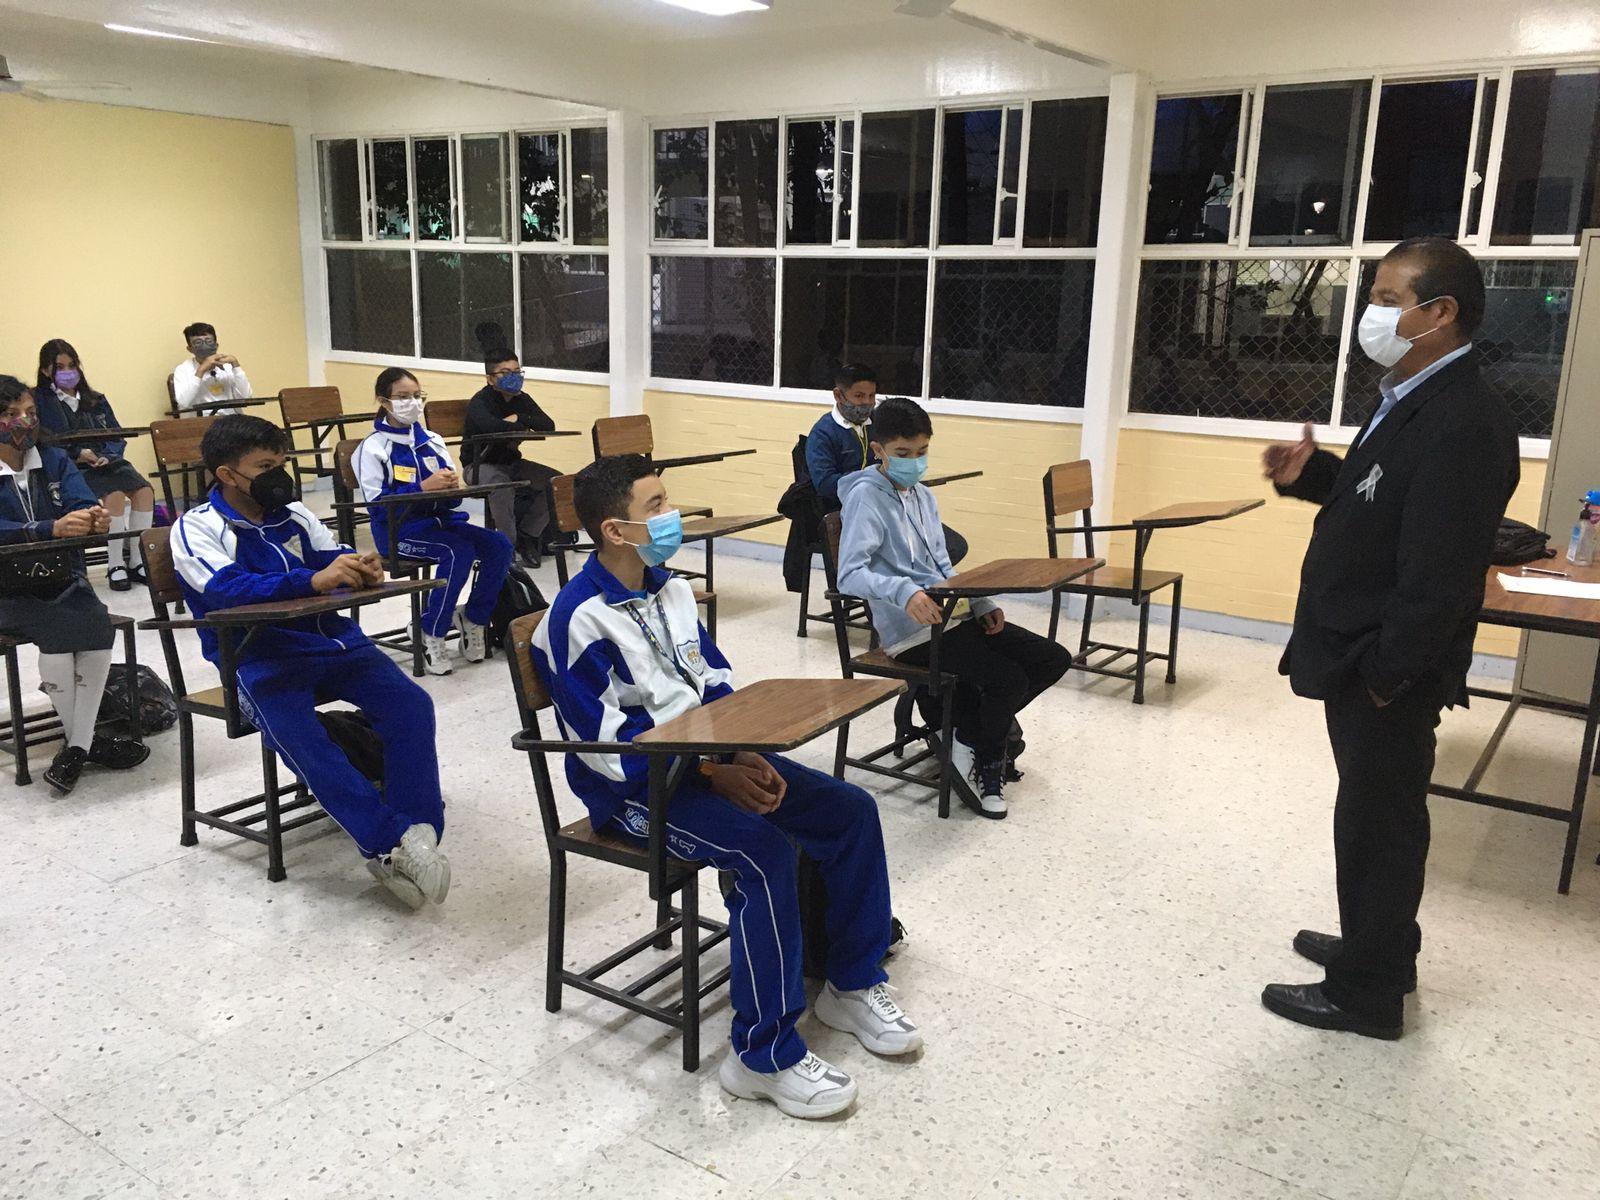 Sube a 66 el número de casos de COVID-19 en escuelas